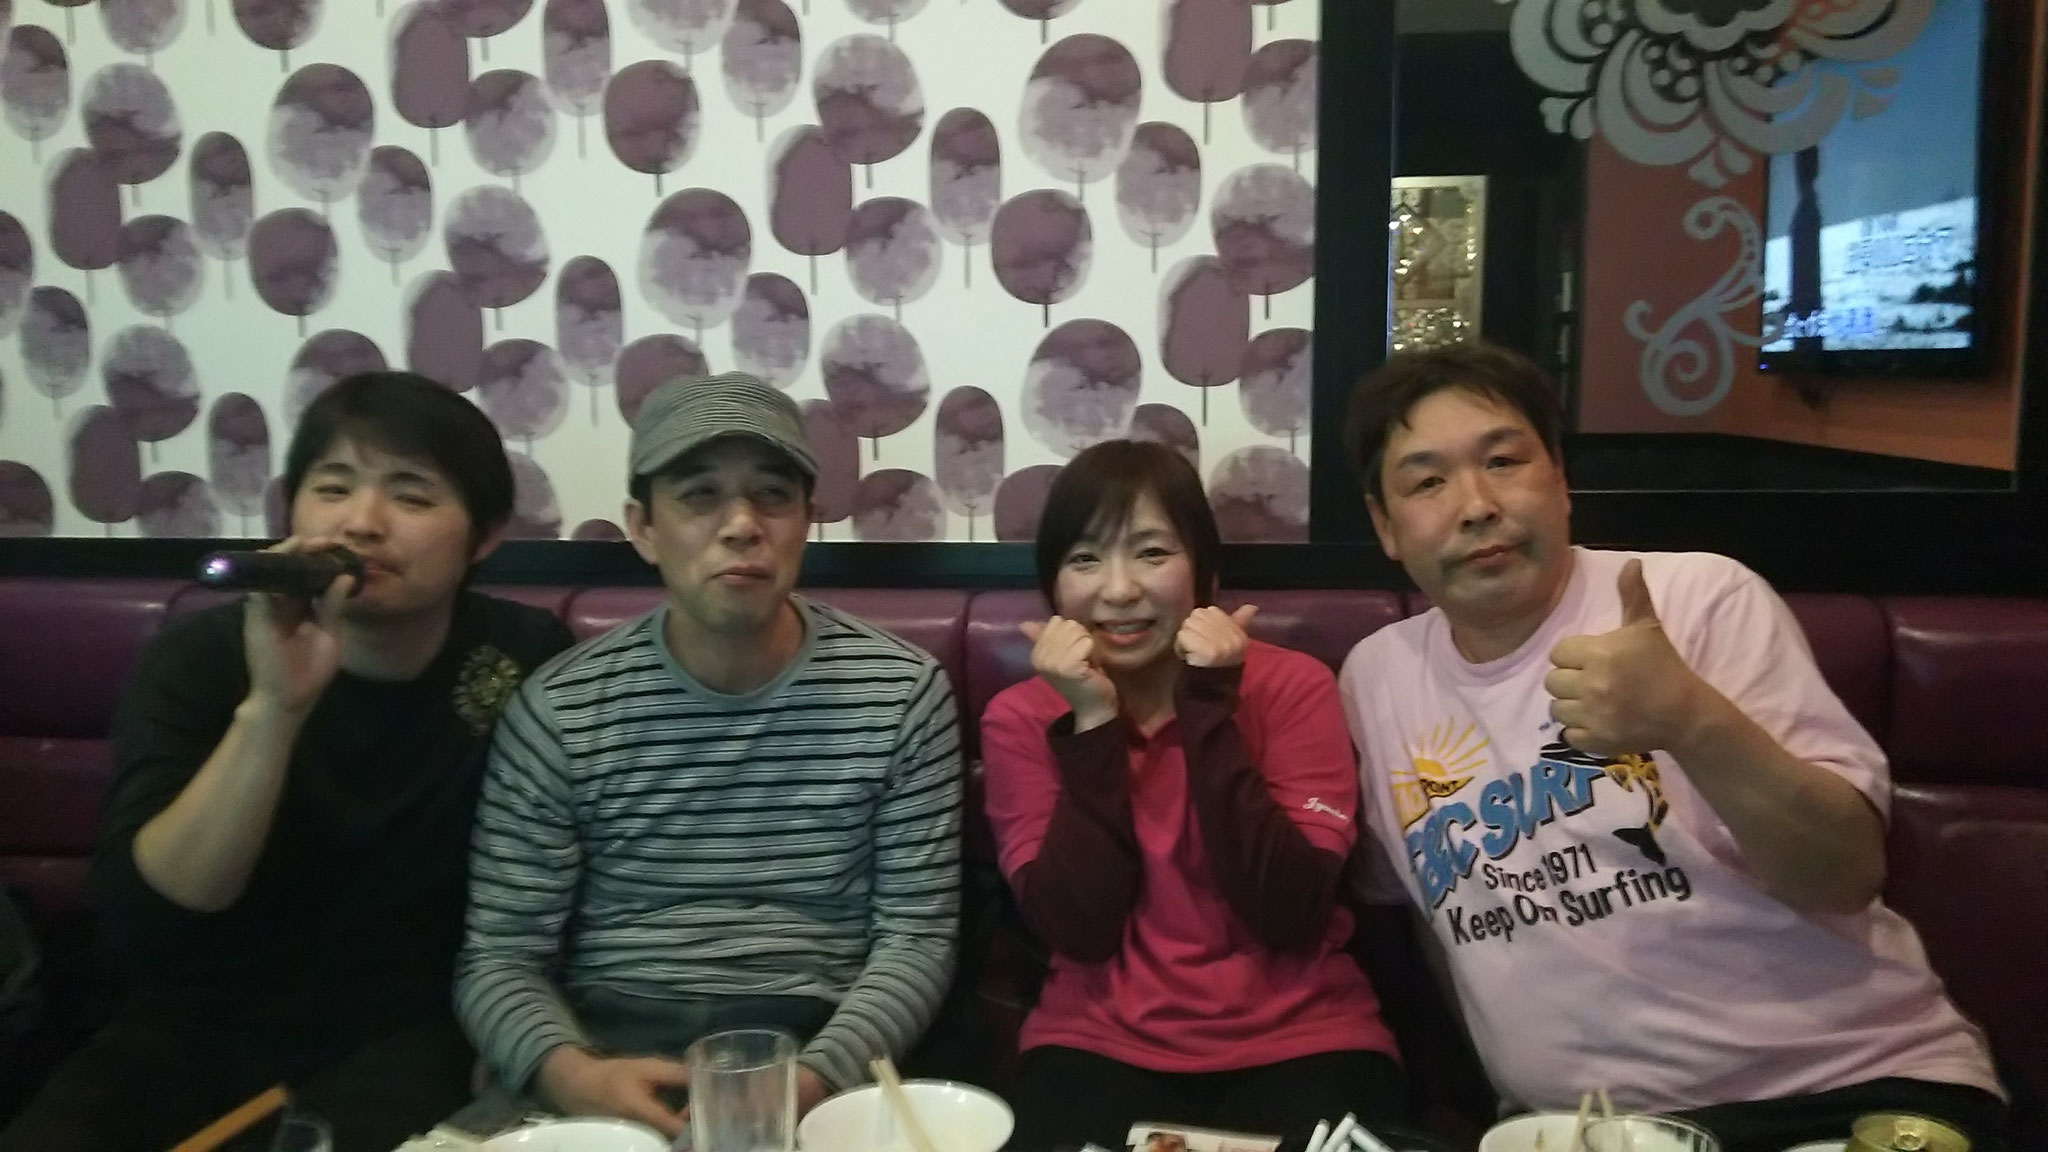 永田さん木山さん羽賀さんと。酔っぱらっちゃった。(/ω\)